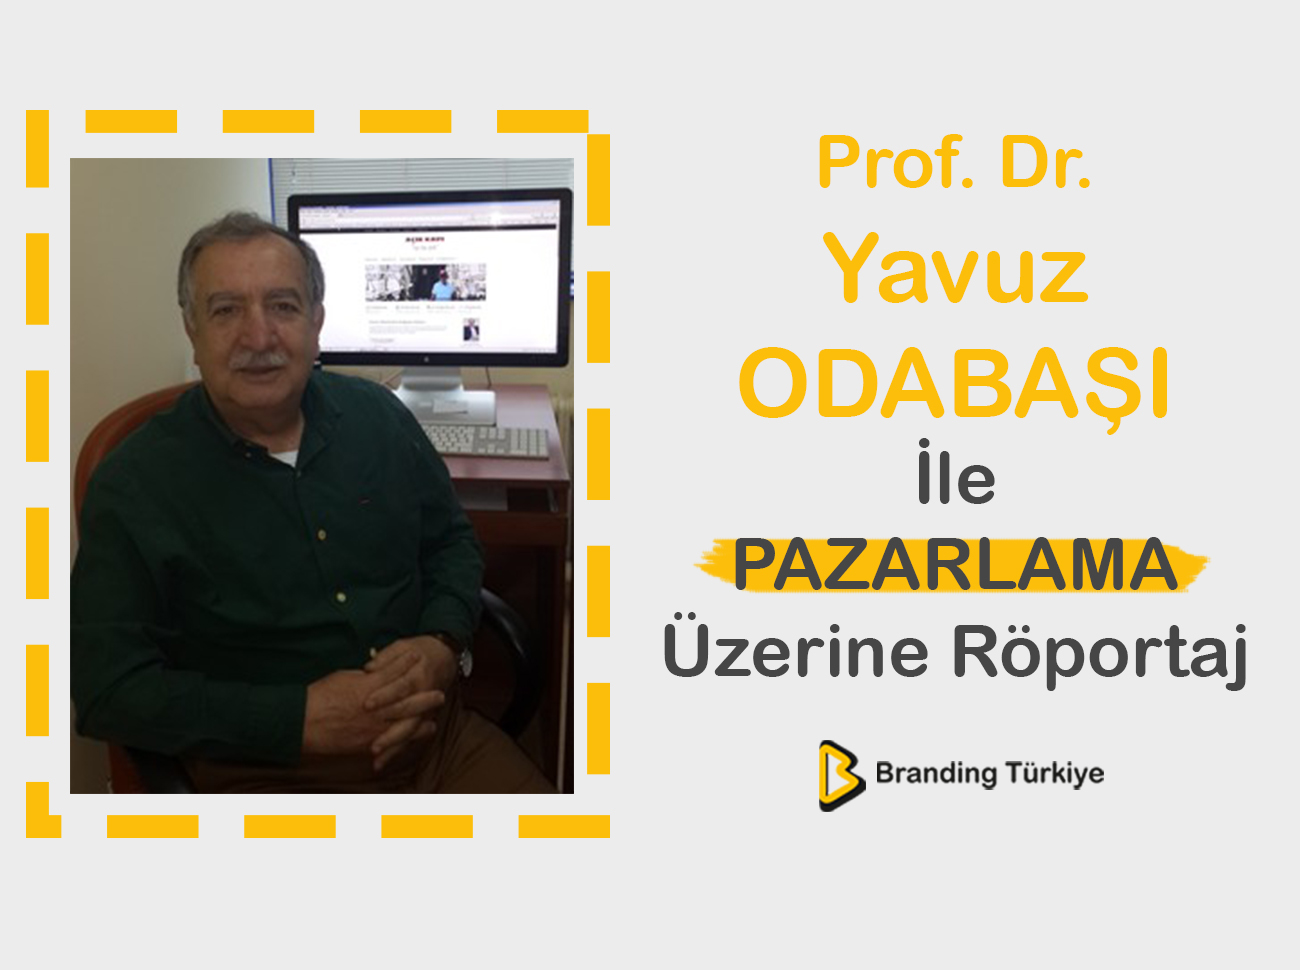 Prof. Dr. Yavuz ODABAŞI İle Pazarlama Üzerine Röportaj